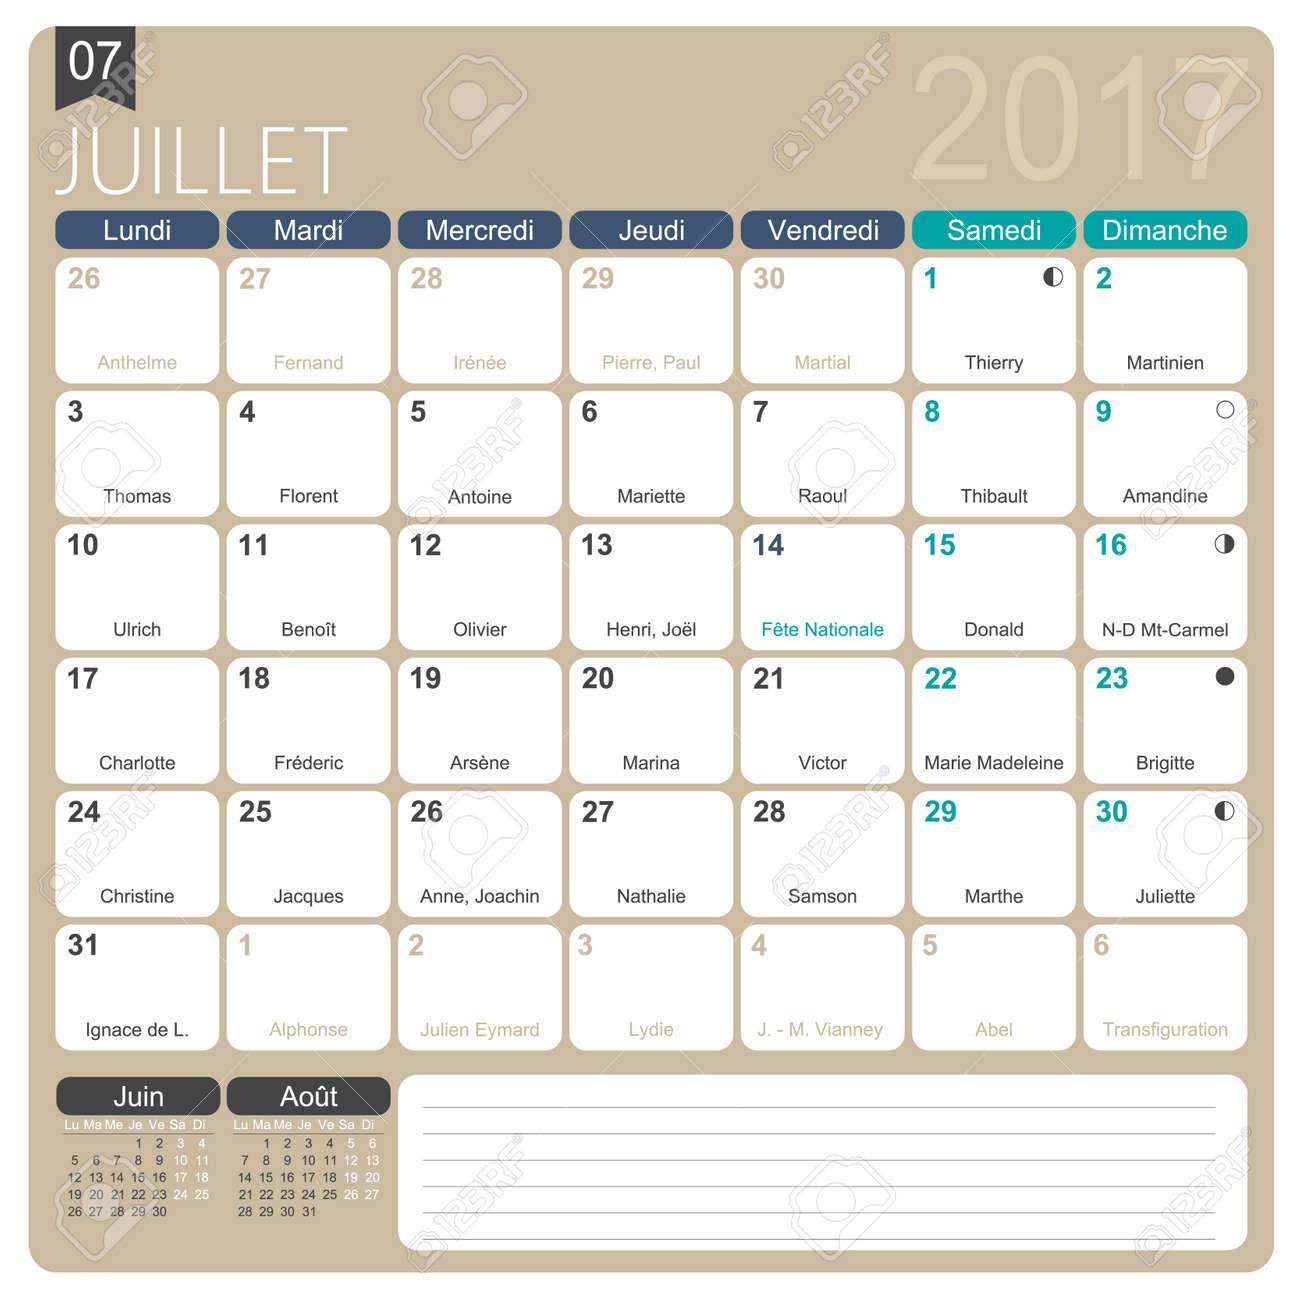 Calendario Stampabile.Luglio 2017 Francese Stampabile Modello Di Calendario Mensile Compresi Onomastici Fasi Lunari E Giorni Festivi